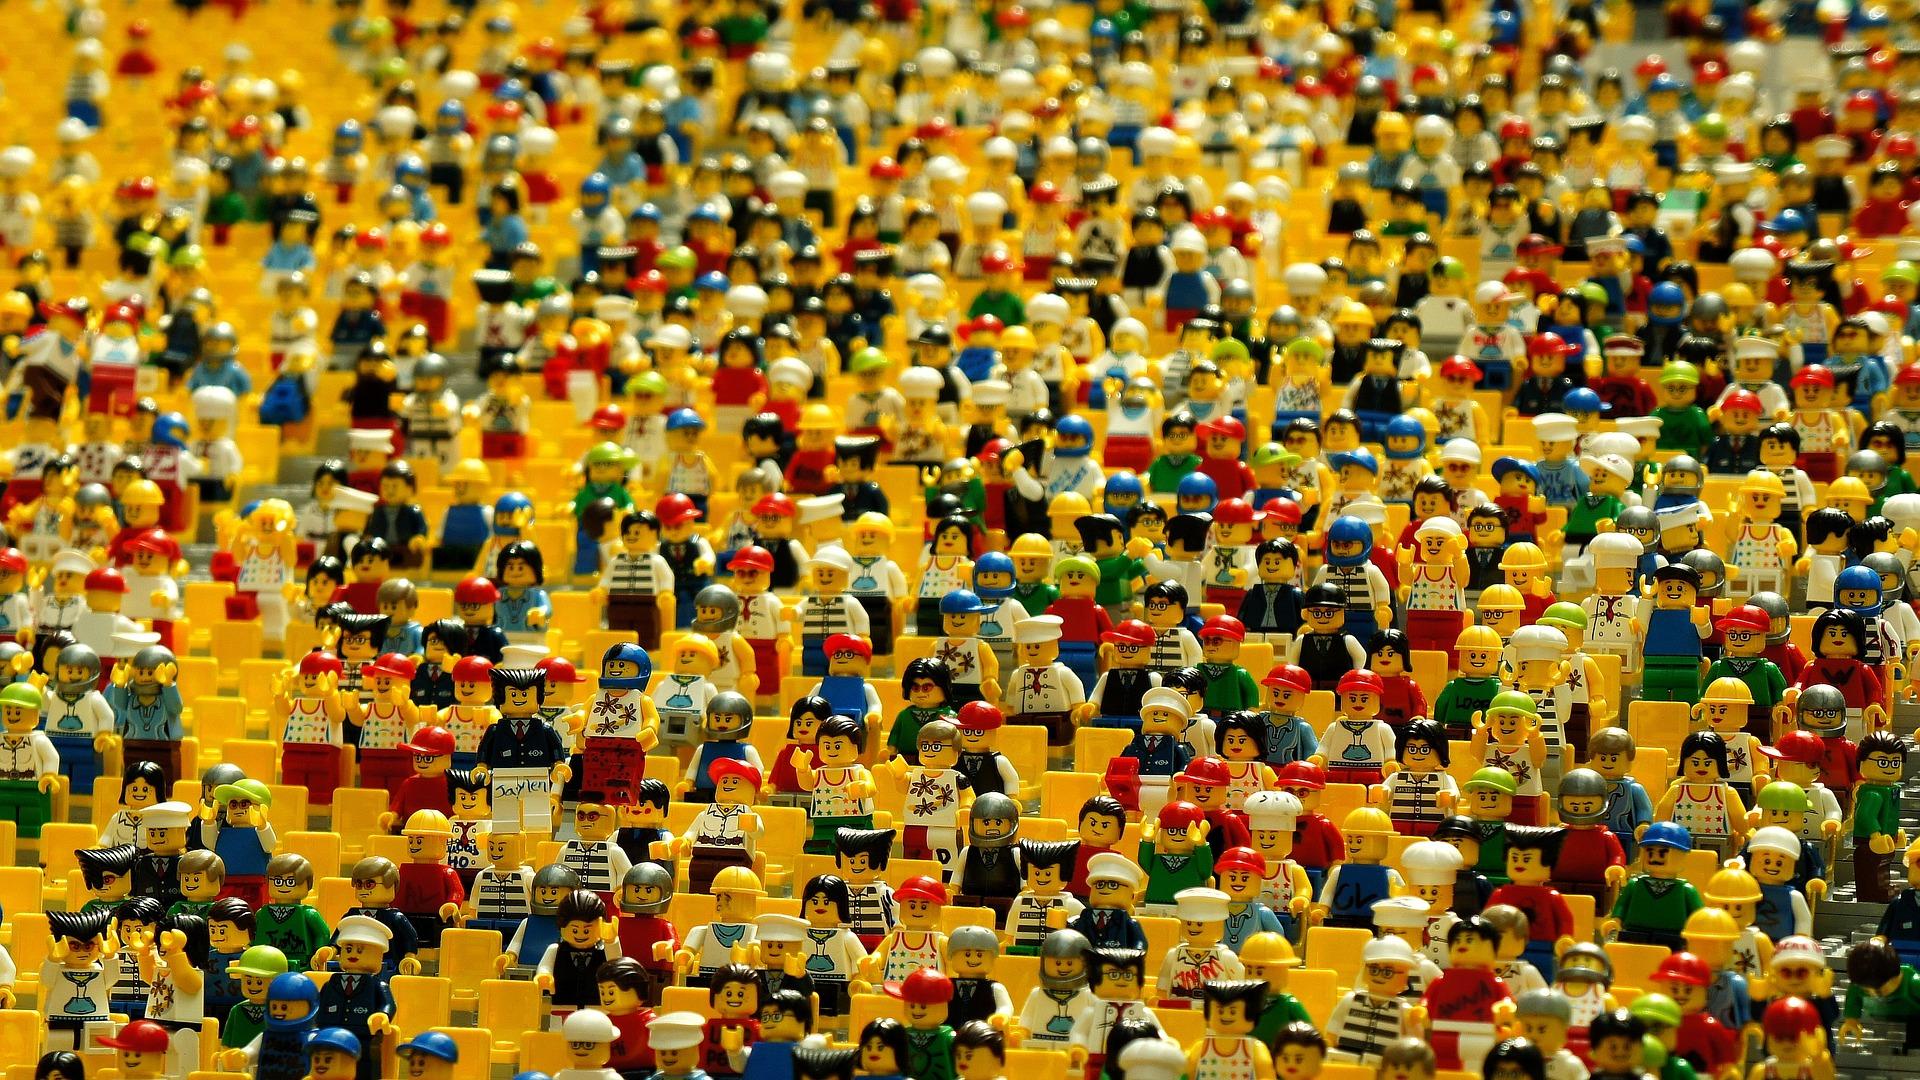 Des centaines de bonhommes lego créant une foule